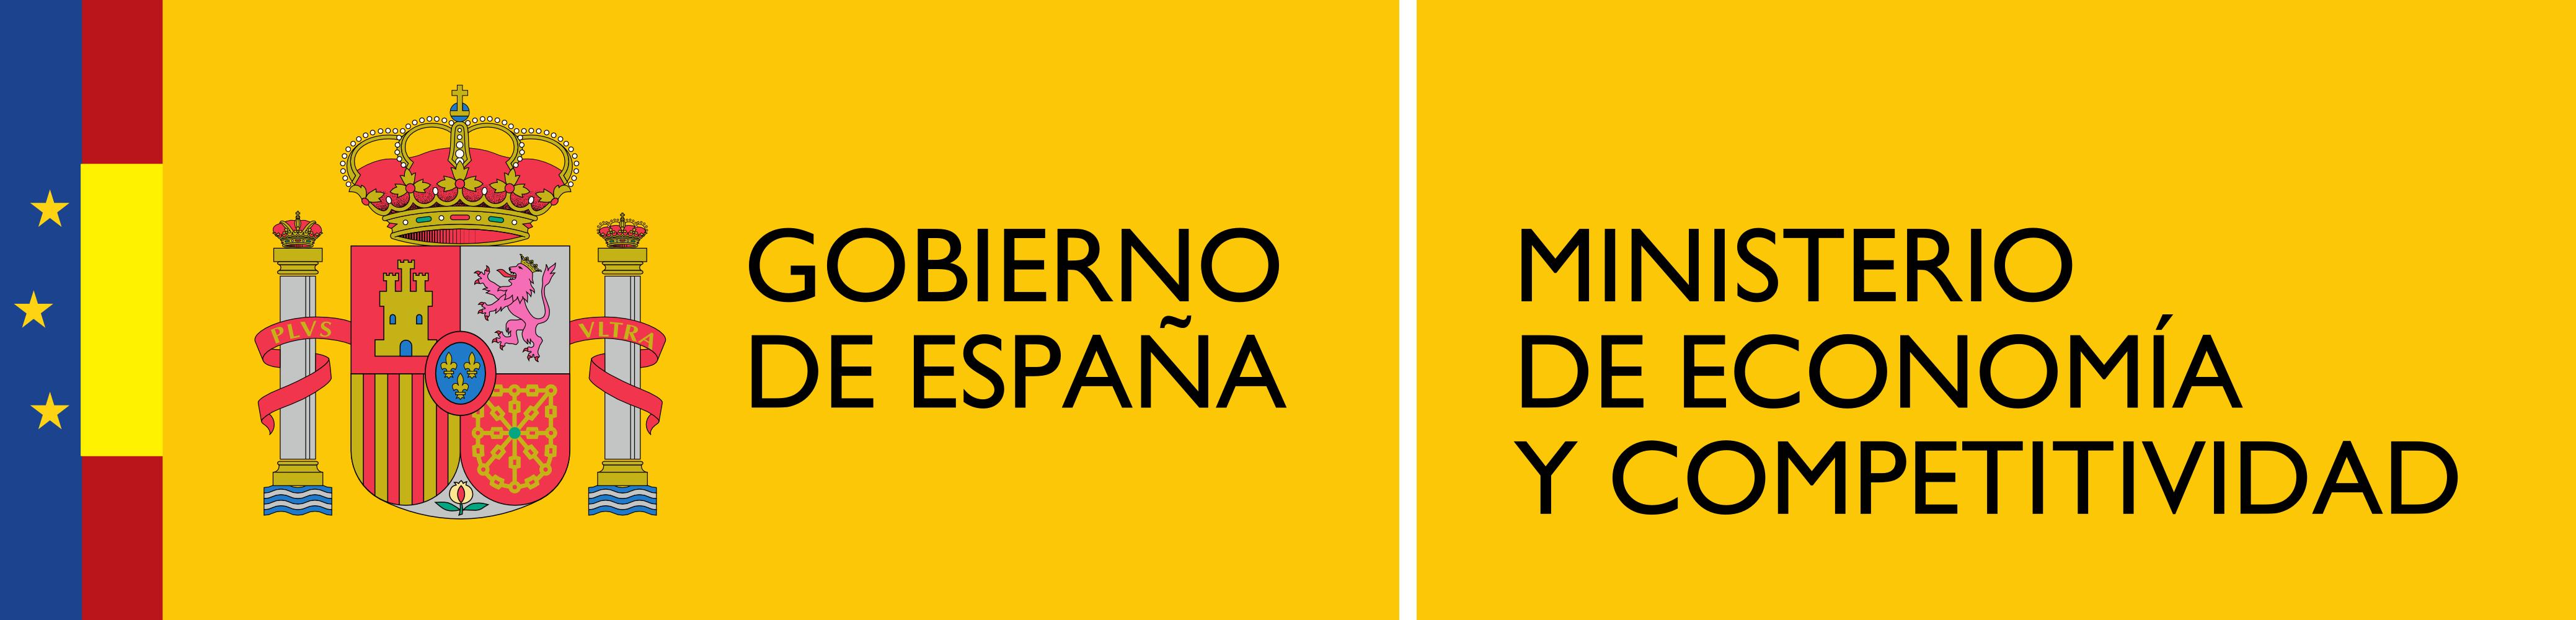 Description Logotipo del Ministerio de Economía y Competitividad.png